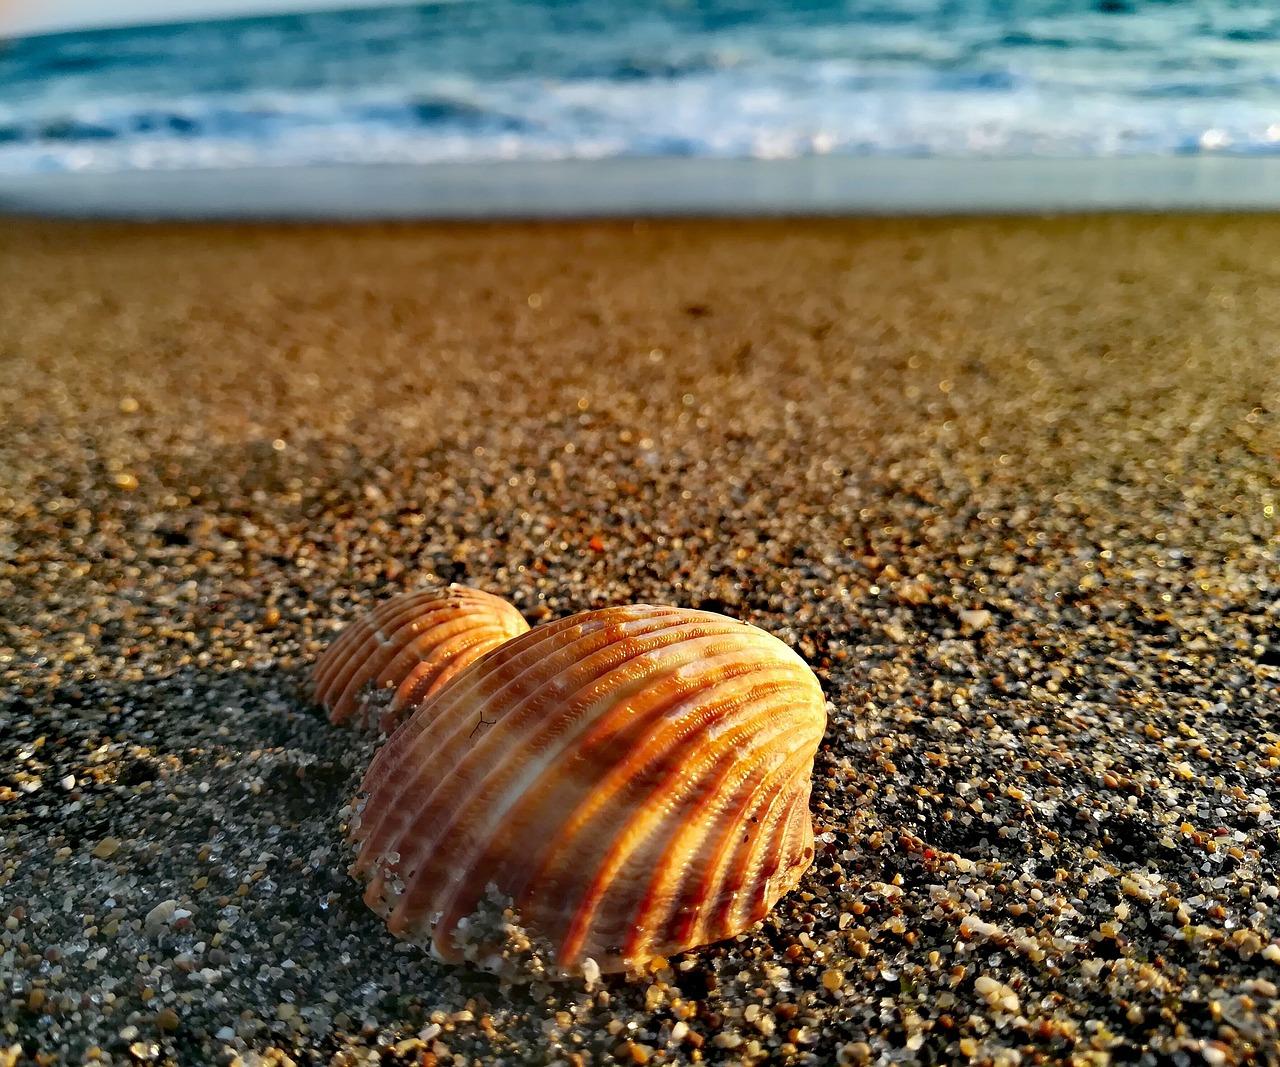 Looks like a Sunrise shell